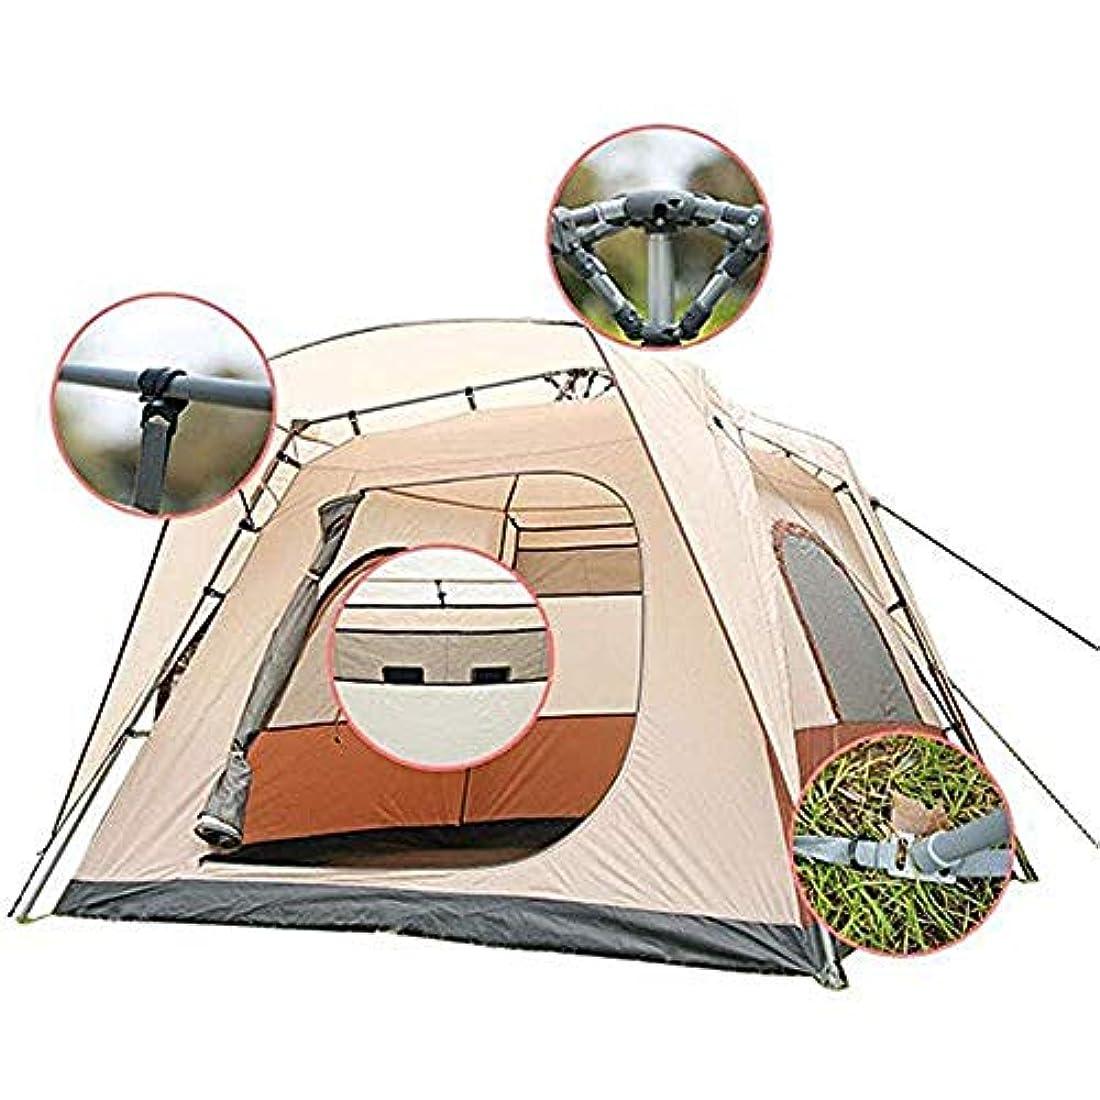 開拓者活気づけるオークランドキャンプテント ドームテント、屋外キャンプテント無料インスタントポップアップ自動テント速度オープン5-8人通気性サンルーフ家族テントハイキングビーチを構築するために無料 サンシェード?シェルター